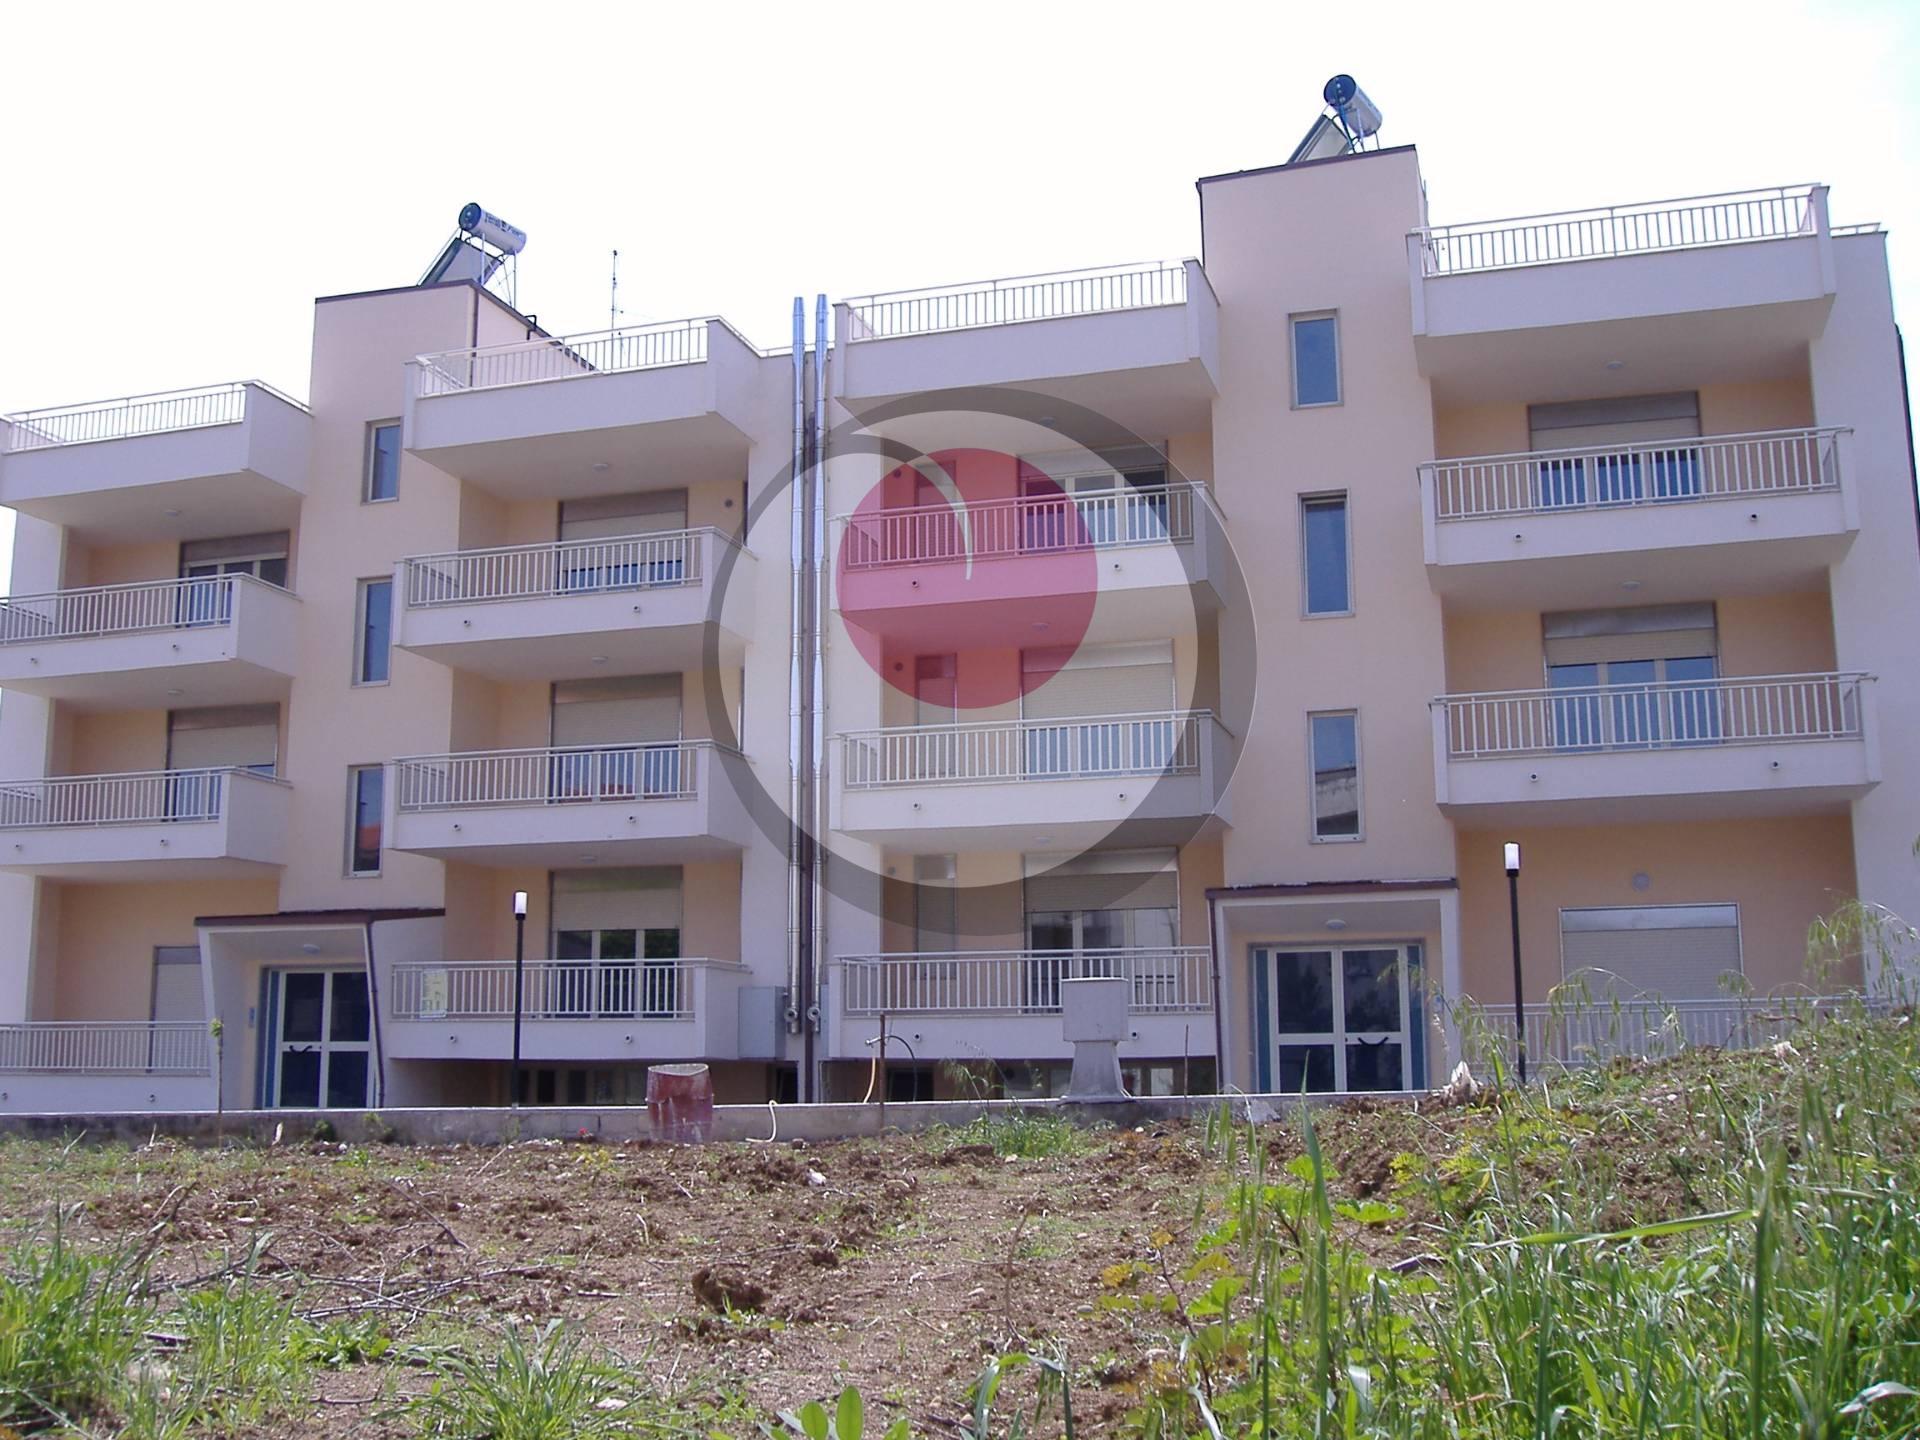 Appartamento in vendita a Fossacesia, 5 locali, prezzo € 115.000 | Cambio Casa.it